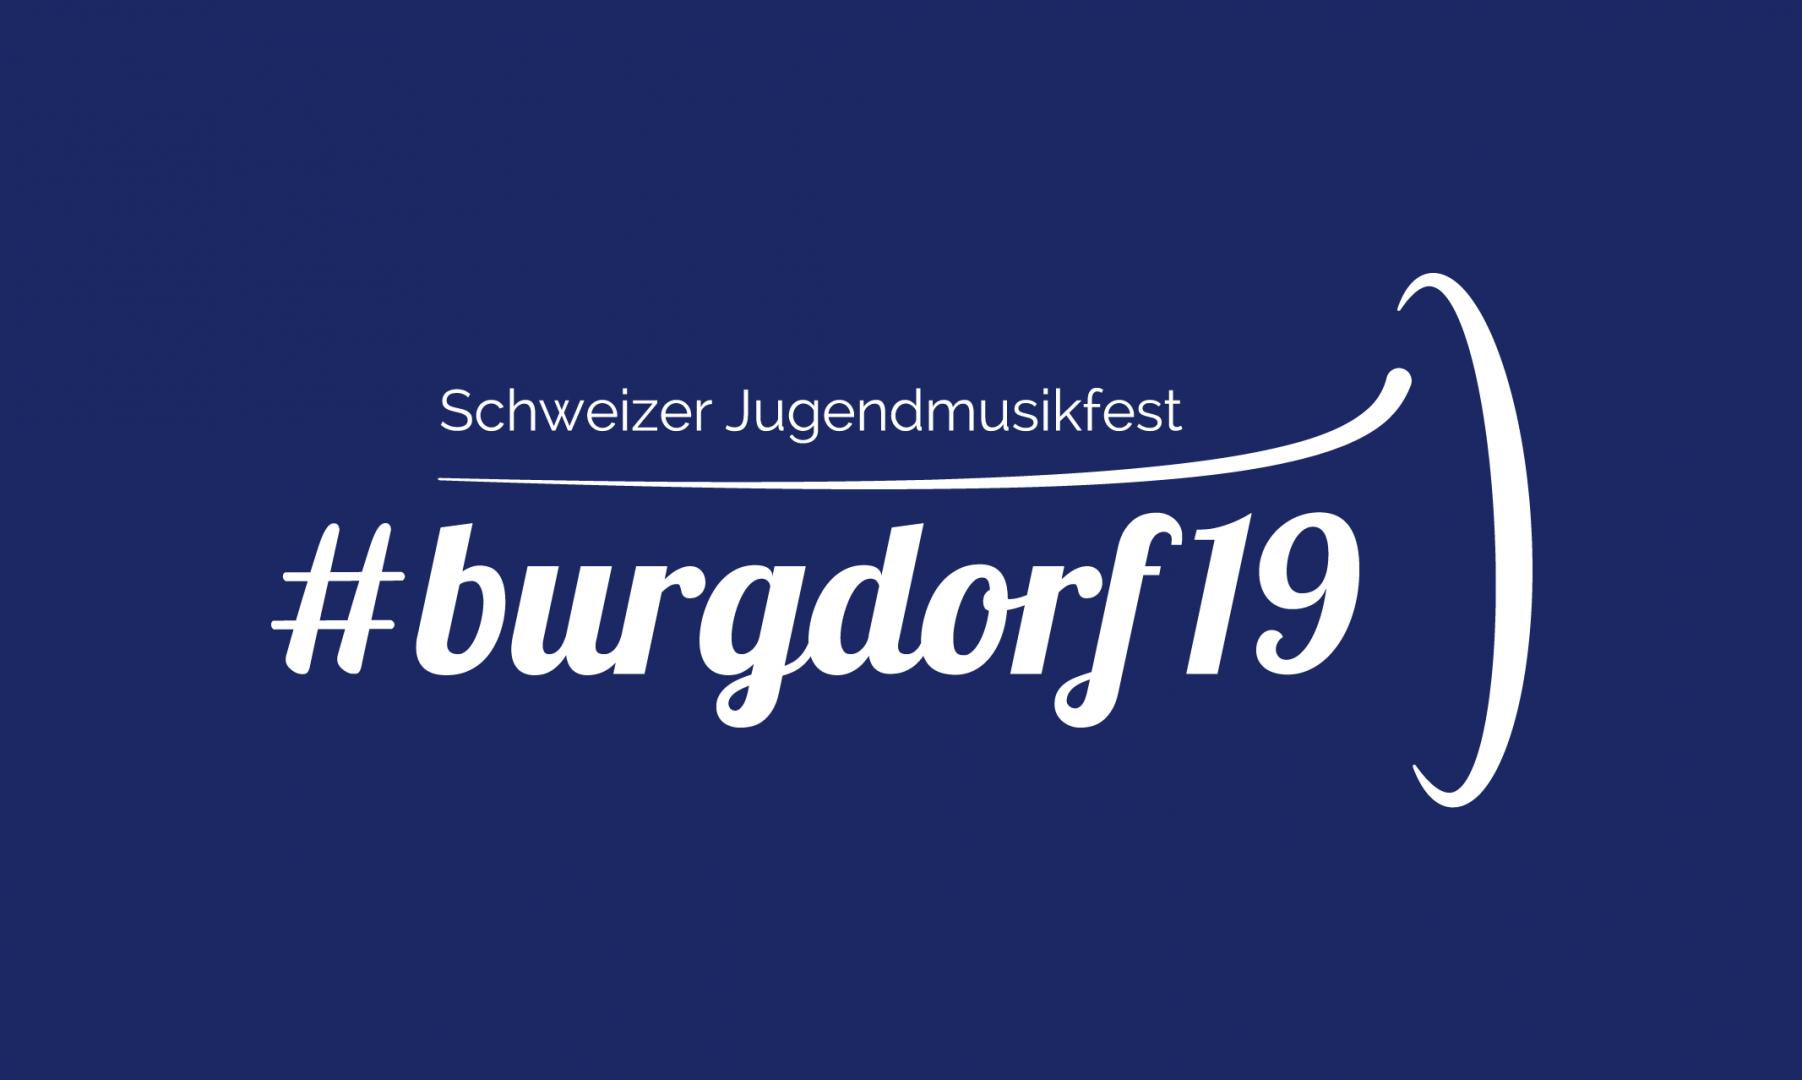 Schweizer Jugendmusikfest  #burgdorf19